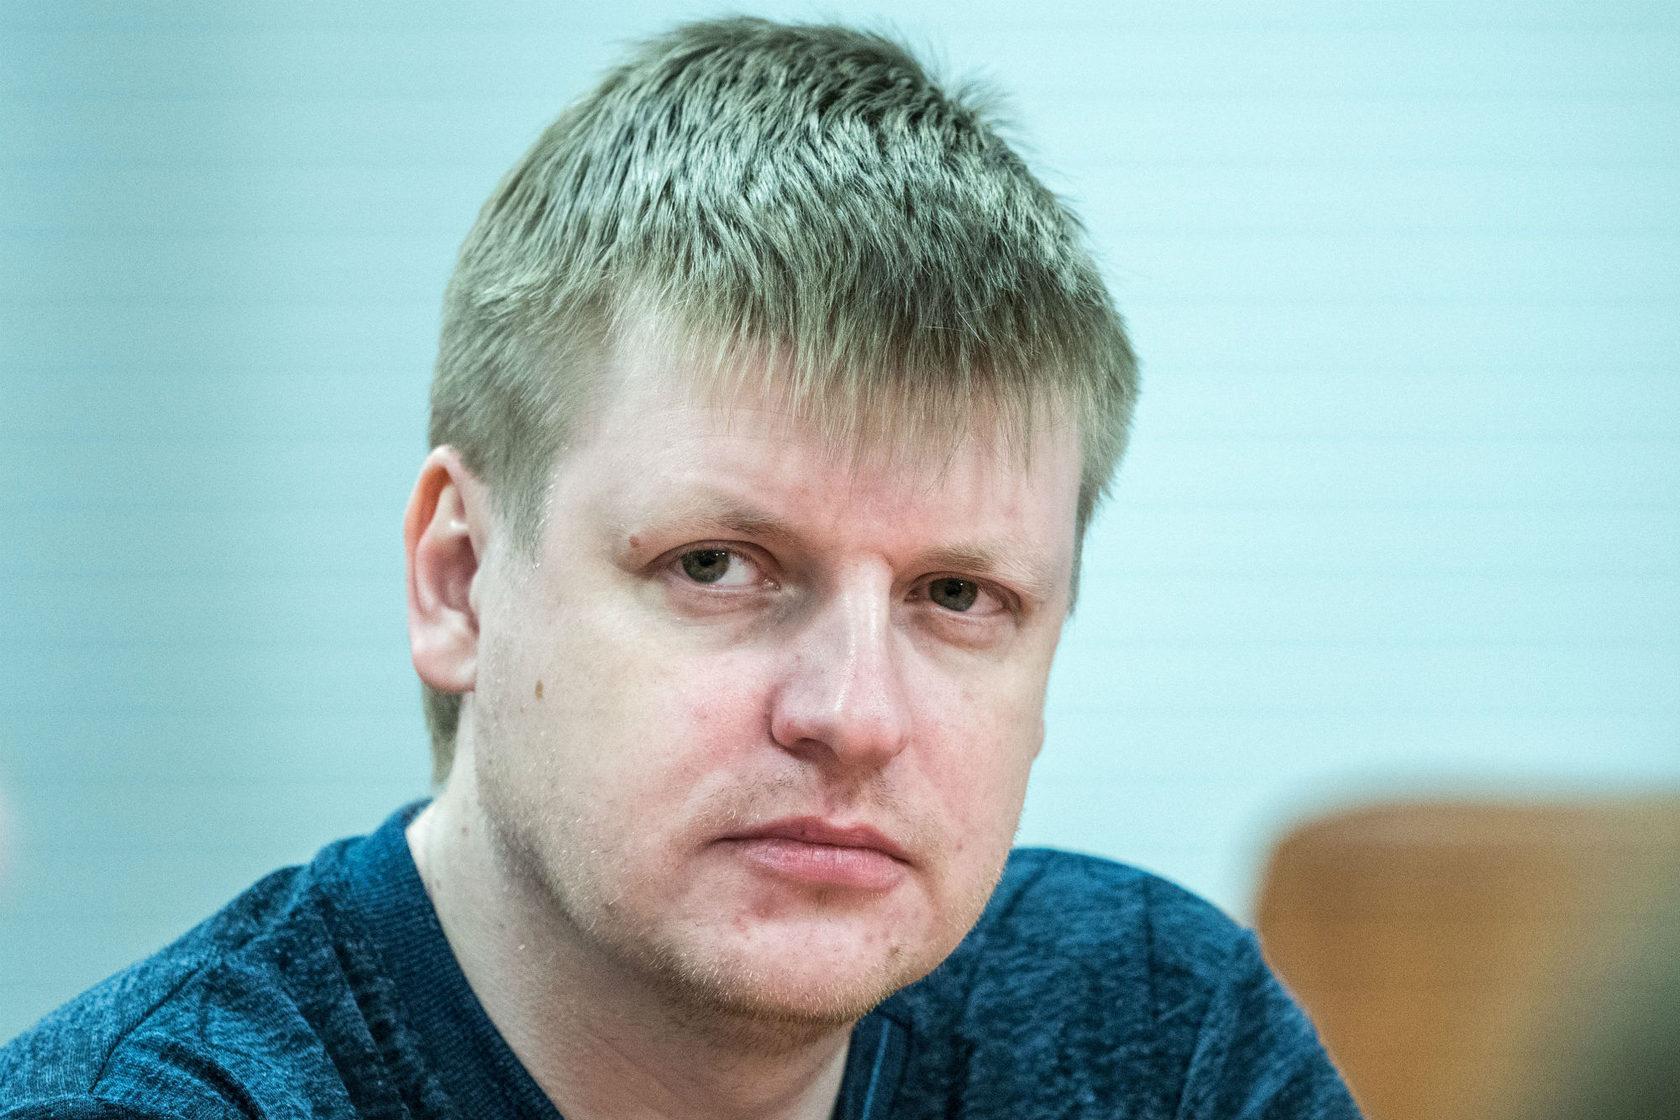 Представитель социального проекта «Давайте разберемся» Александр Богловский: